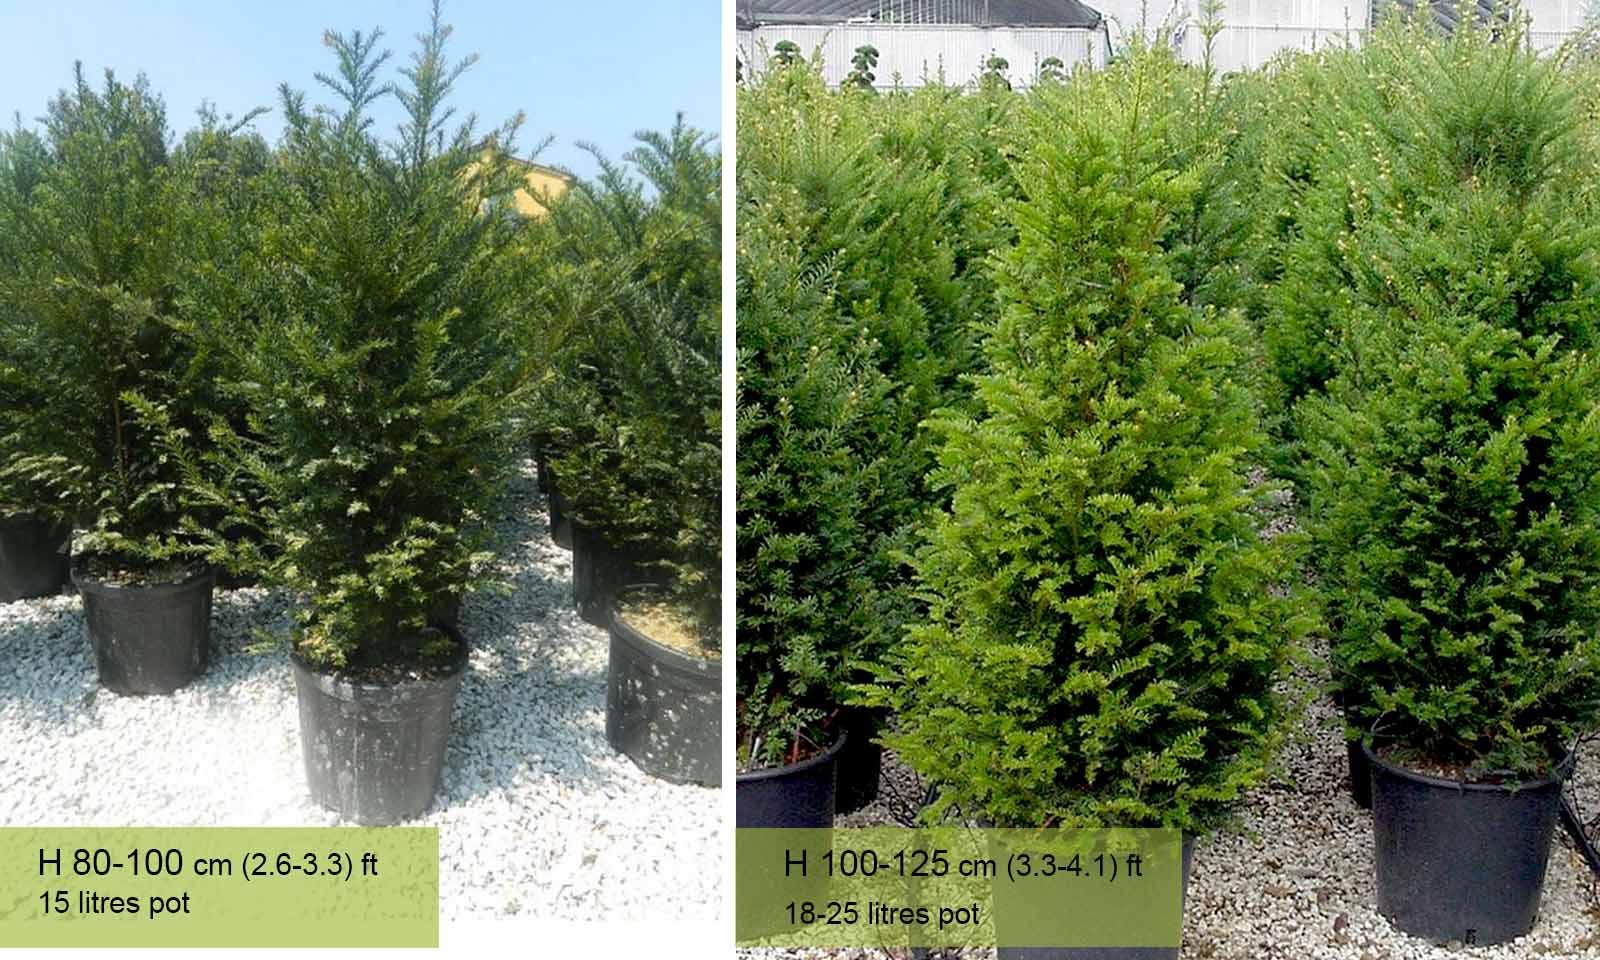 Taxus Baccata (English yew) – Shrub